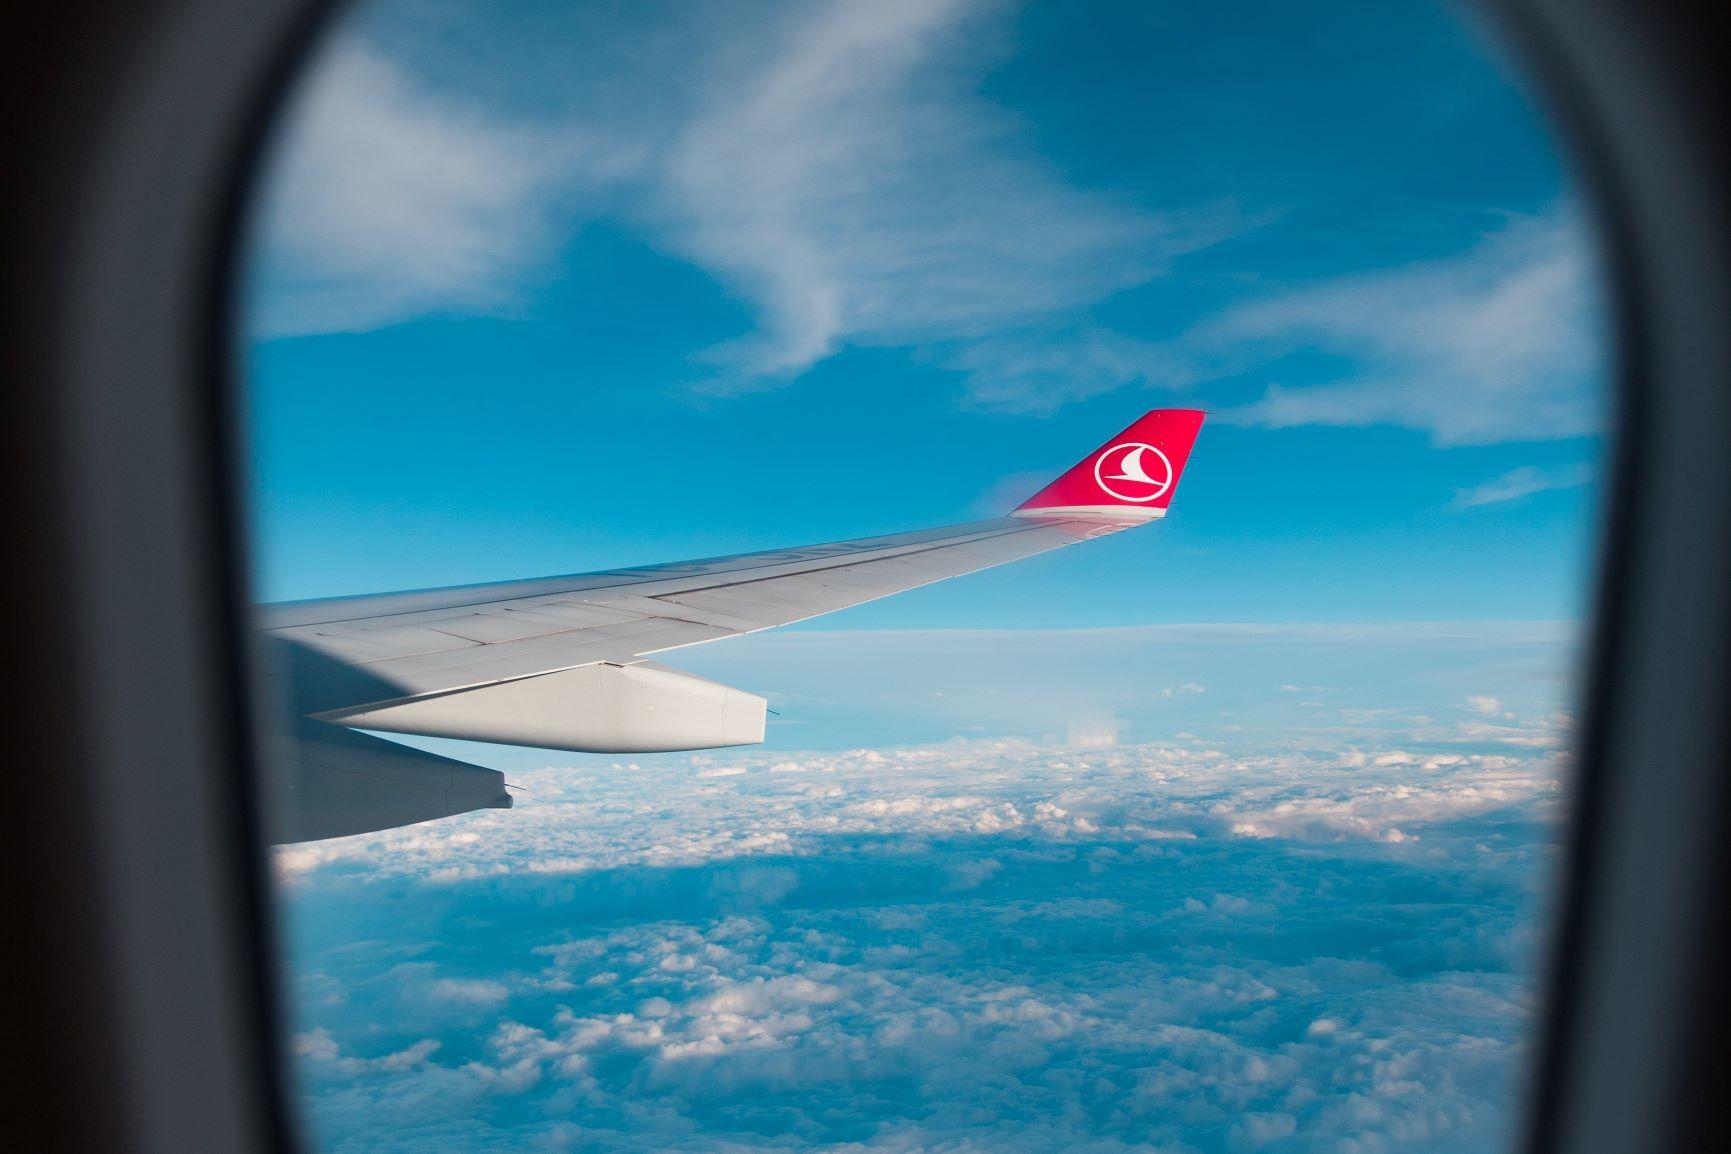 Entre Oriente y Occidente. Turquía. NUBA everywhere. Avión Turkish airline